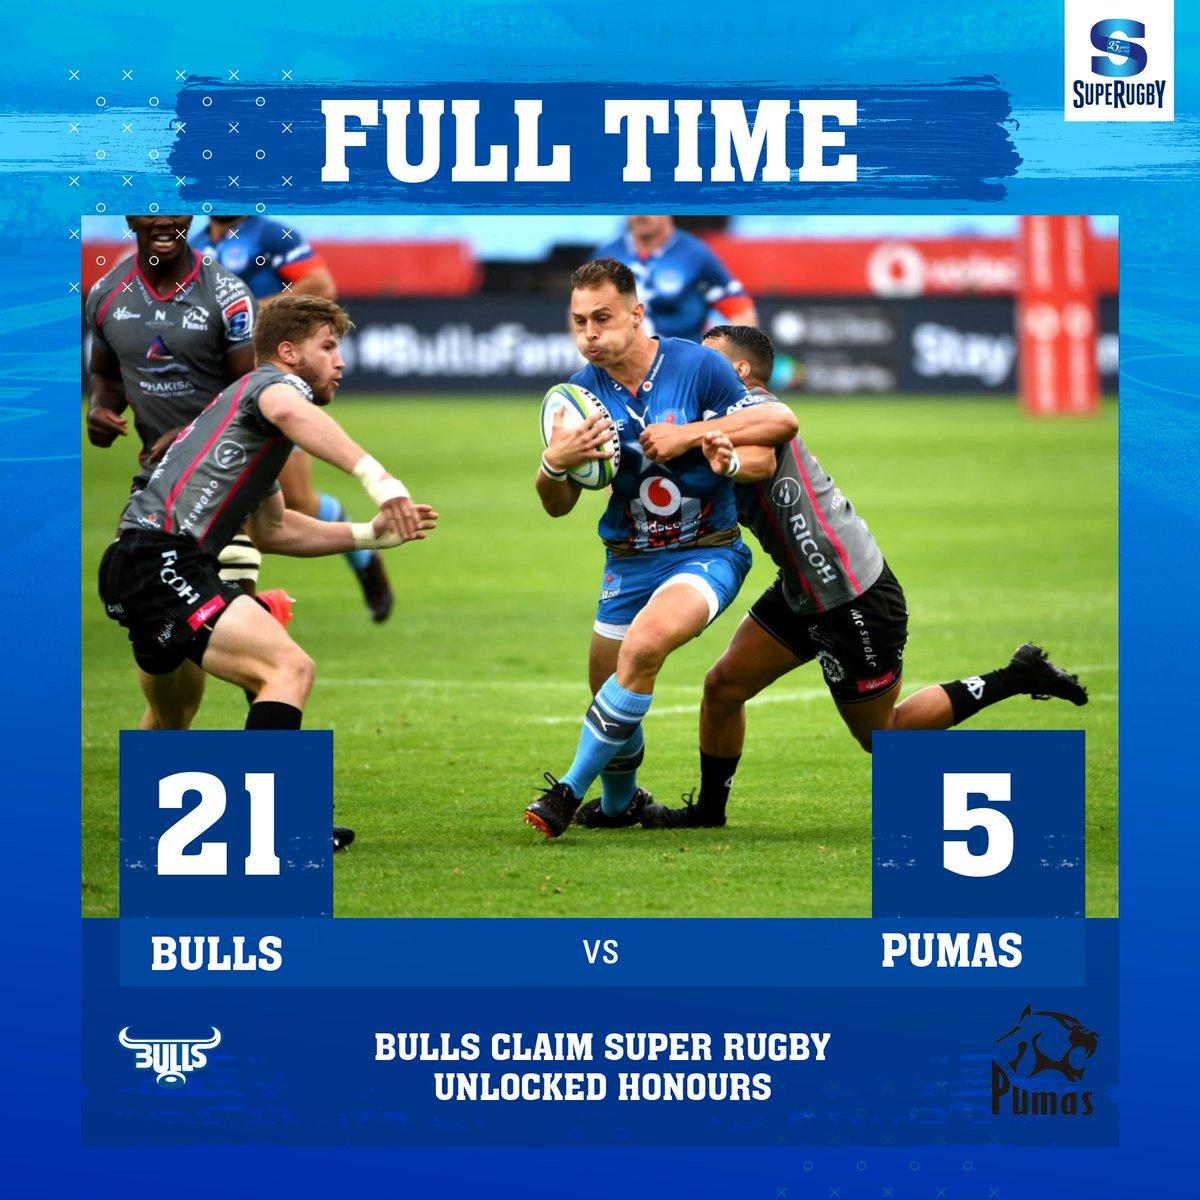 #SuperRugbyUnlocked / #Round7  #Bulls vs #Pumas  21-5 #Bulls confirmó su título de Super Rugby Unlocked el sábado, demostrando ser demasiado fuerte para el #StevalPumas en Pretoria.  #BULvPUM #LoftusVersfeldStadium #SuperRugby #SuperRugby25years https://t.co/a0r4BHaVrZ